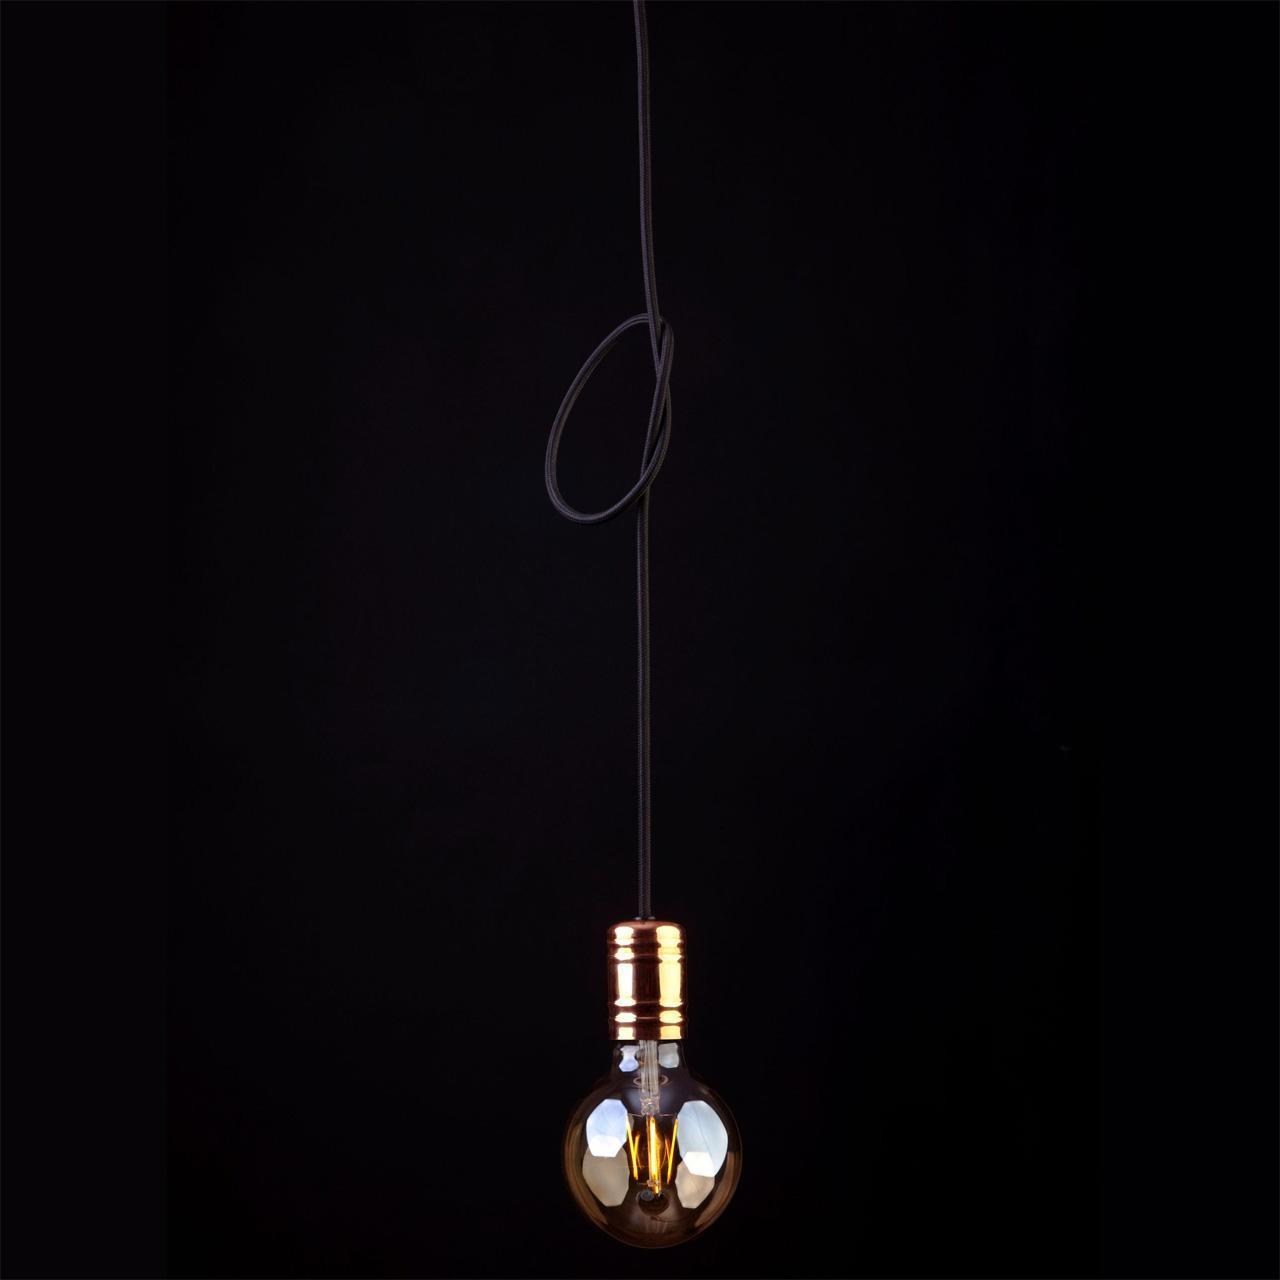 Подвесной светильник Nowodvorski Cable Black/Copper 9747 nowodvorski cable black copper vii